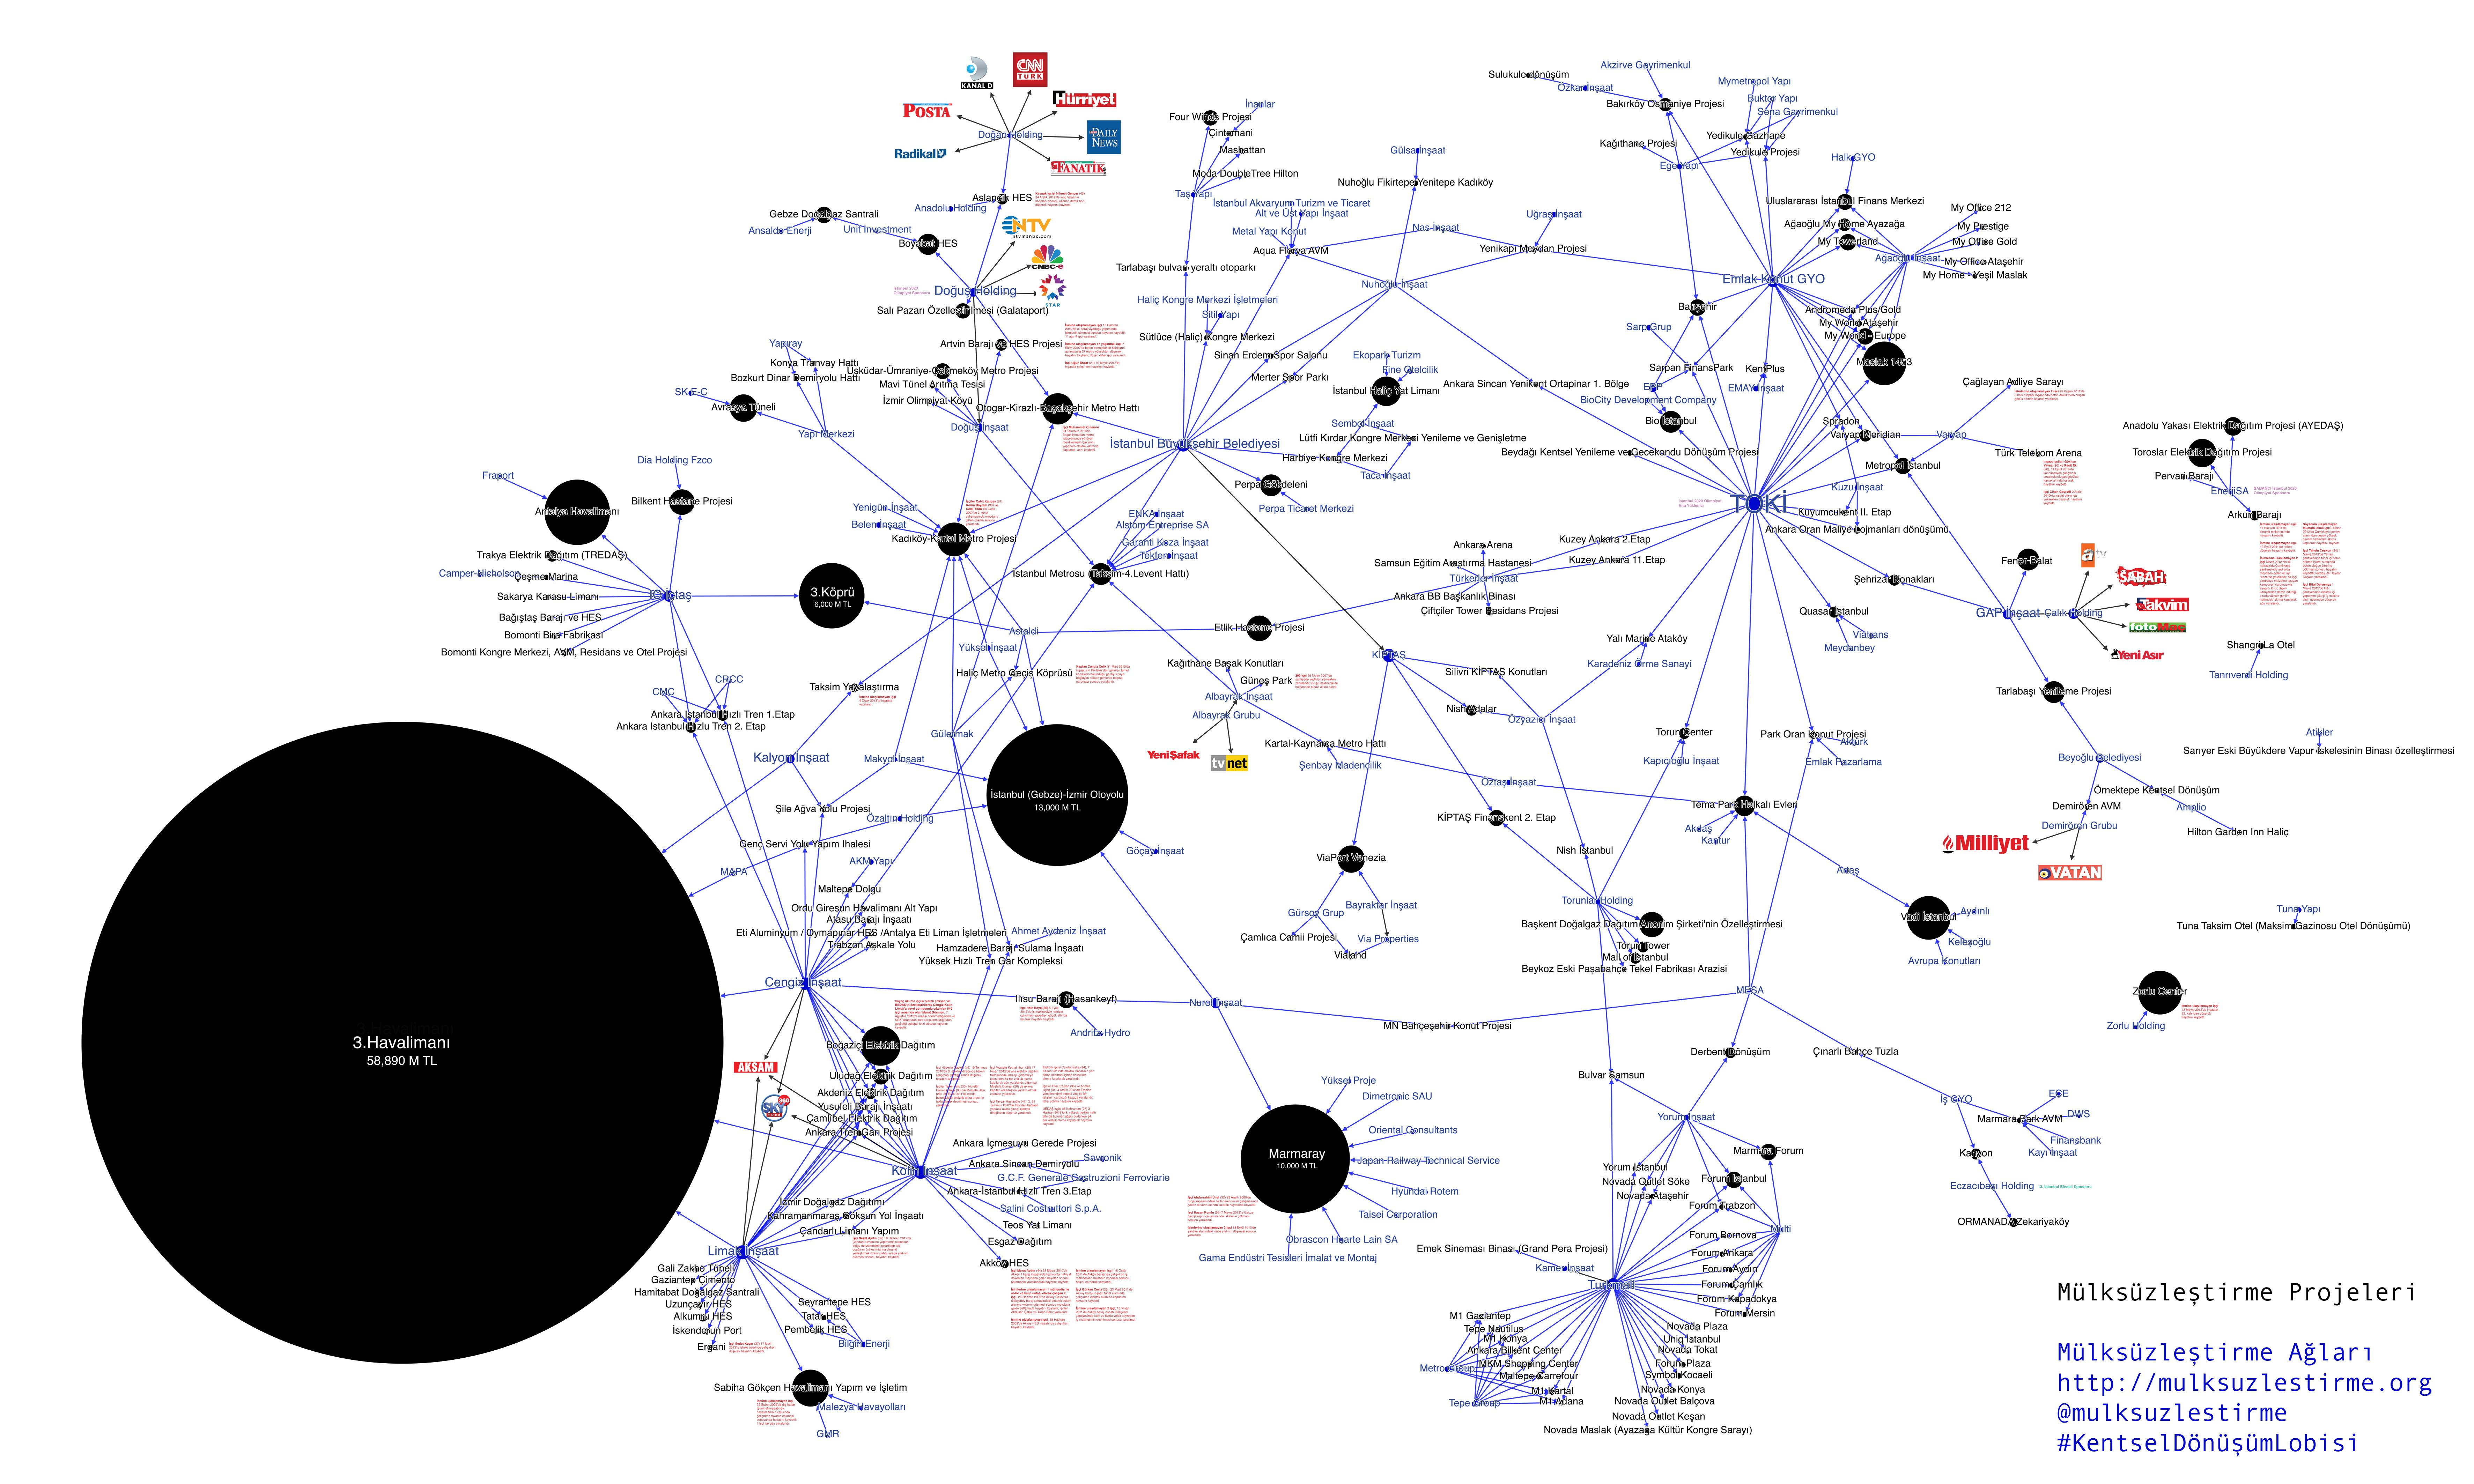 Bu ilişkiler haritasında projeler siyah renkle, bu projeleri üstlenen şirketler ise mavi renkle gösterilmiştir. Projeler değerlerine göre boyutlandırılmıştır.